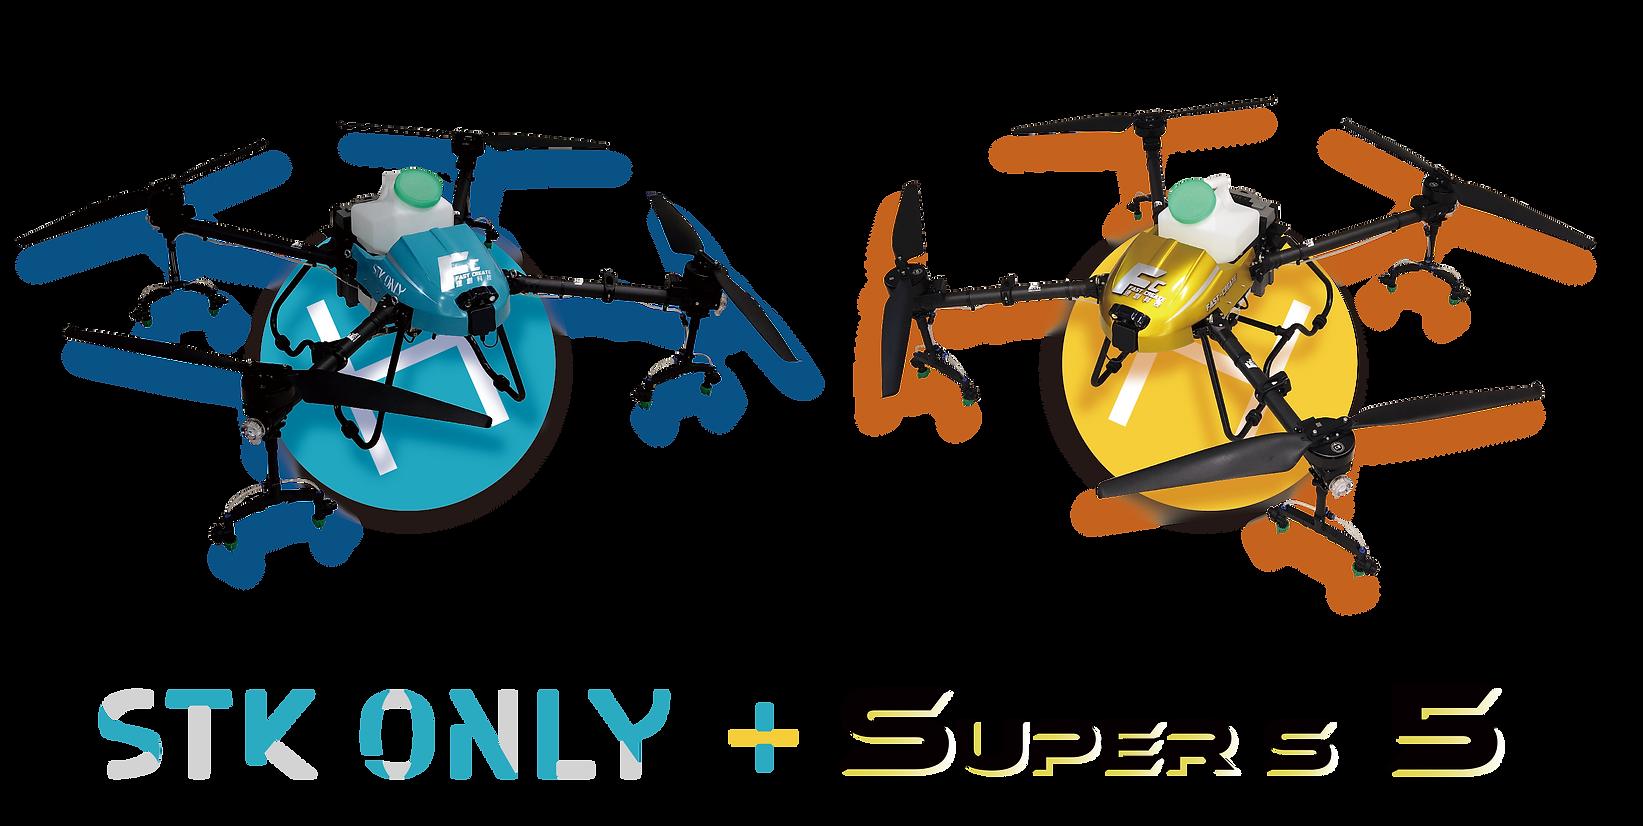 速創科技植保機SuperS 5